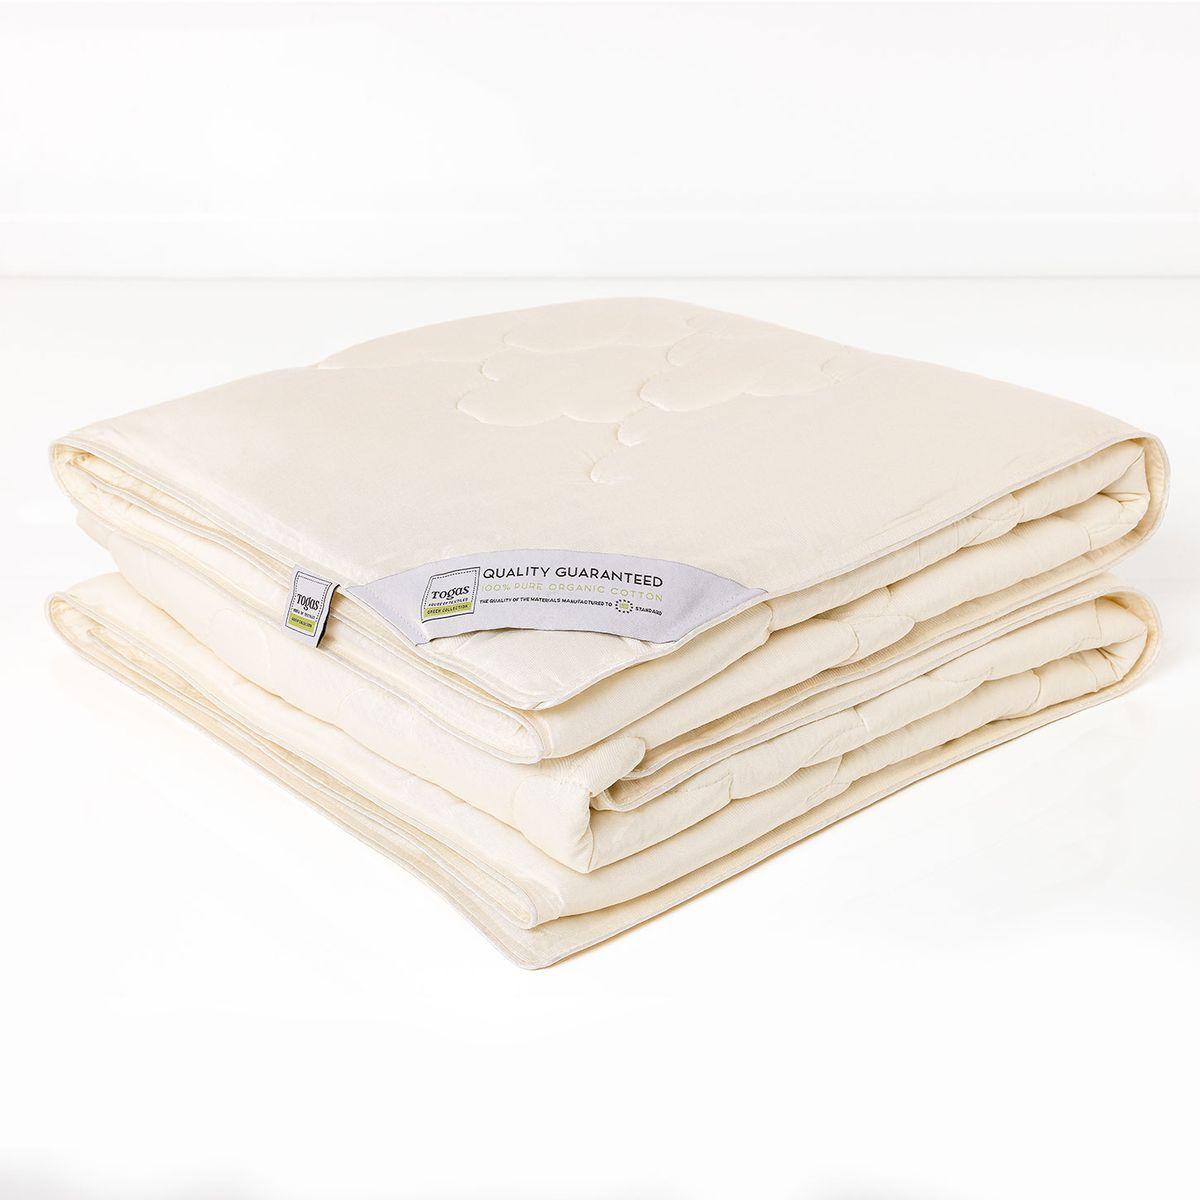 Одеяло Togas, наполнитель: хлопок, цвет: экрю, 200 х 210 смGC220/05Одеяло Togas создаст комфортные условия для сна благодаря уникальным природным свойствам бамбука. Бамбуковое волокно мягкое и приятное на ощупь, по виду напоминает шелк и кашемир. В качестве наполнителя использован натуральный хлопок - высокопрочный, самый популярный в мире натуральный материал, известный своими впитывающими и терморегулирующими свойствами. Это одеяло поистине совершенно, ведь в нем объединились новейшие технологии, и безграничная сила природы…Одеяло из бамбукового волокна очень практично - за ним несложно ухаживать в домашних условиях.